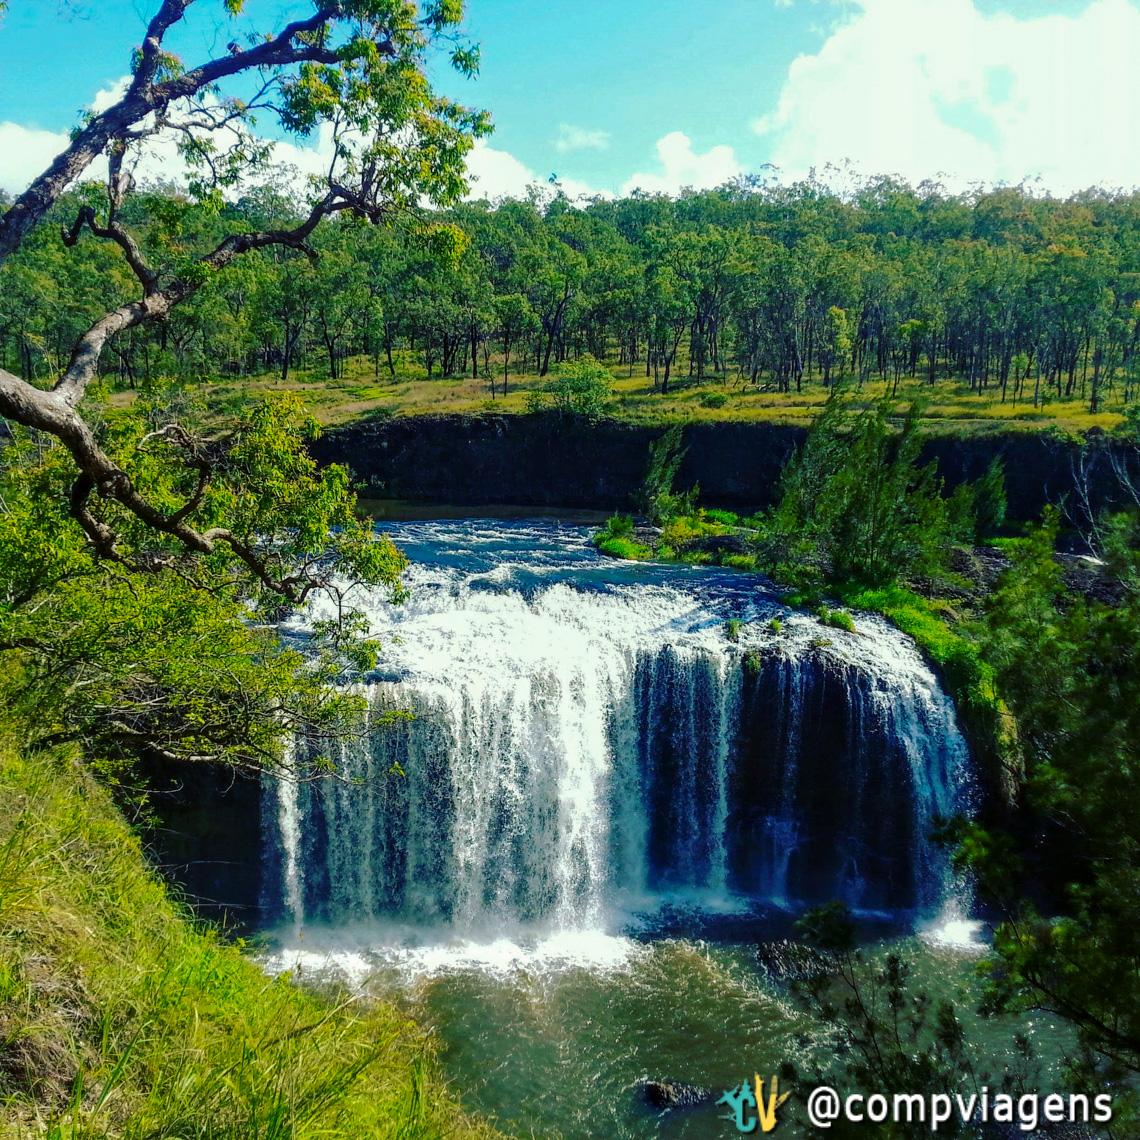 Millstream Falls, a mais larga cachoeira de uma queda da Austrália